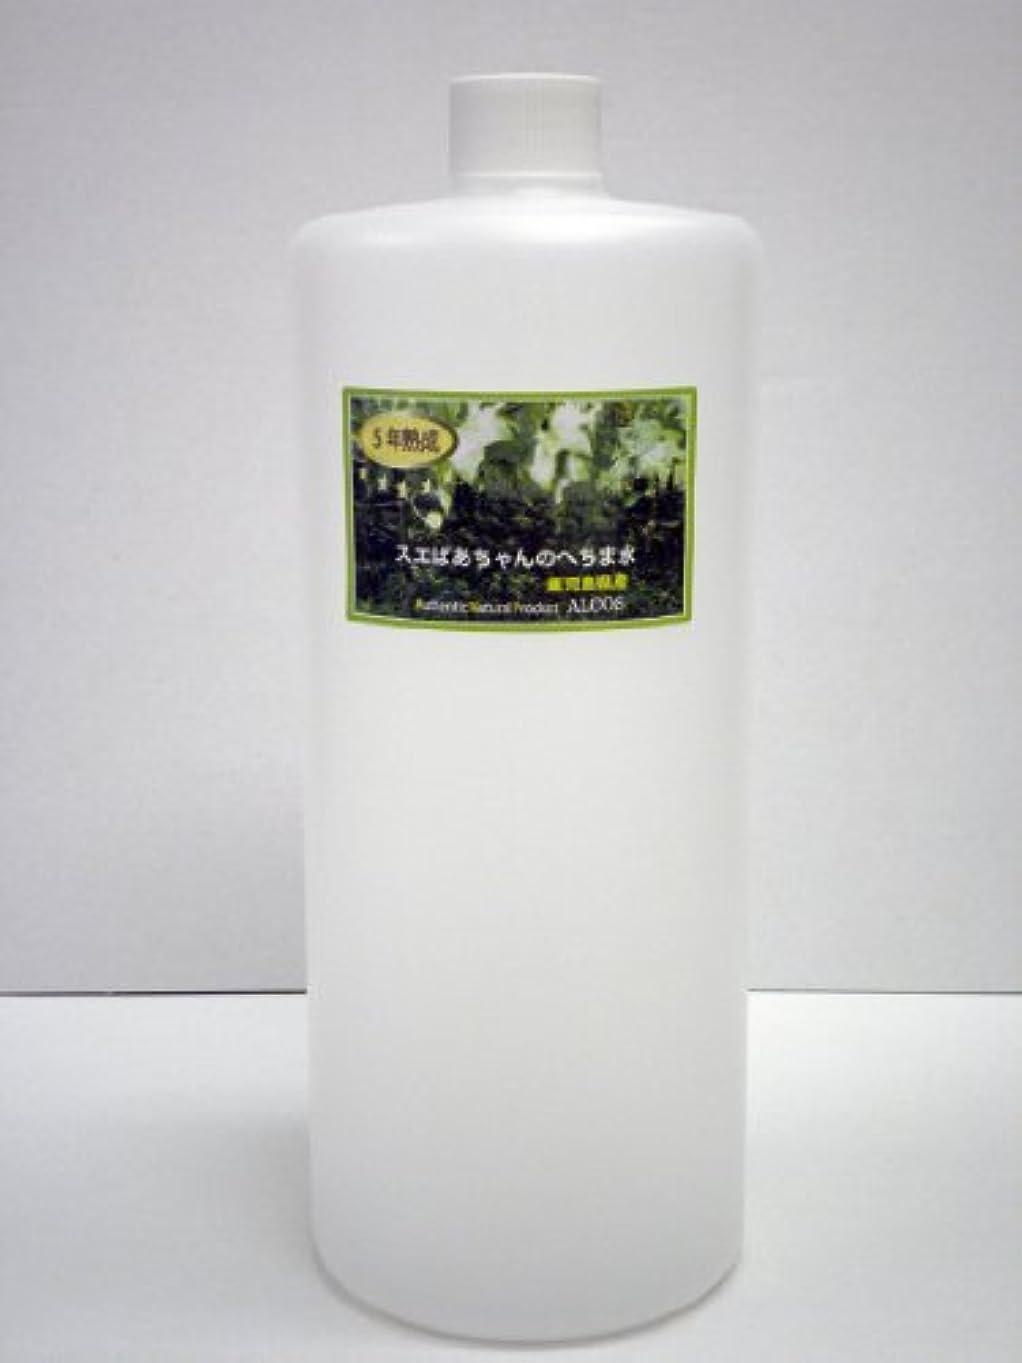 節約パイプライン型5年熟成スエばあちゃんのへちま水(容量1000ml)鹿児島県産?有機栽培(無農薬) ※完全無添加オーガニックヘチマ水100% ※商品のラベルはスエばあちゃんのへちま畑の写真です。ALCOS(アルコス) 天然へちま水 [5...